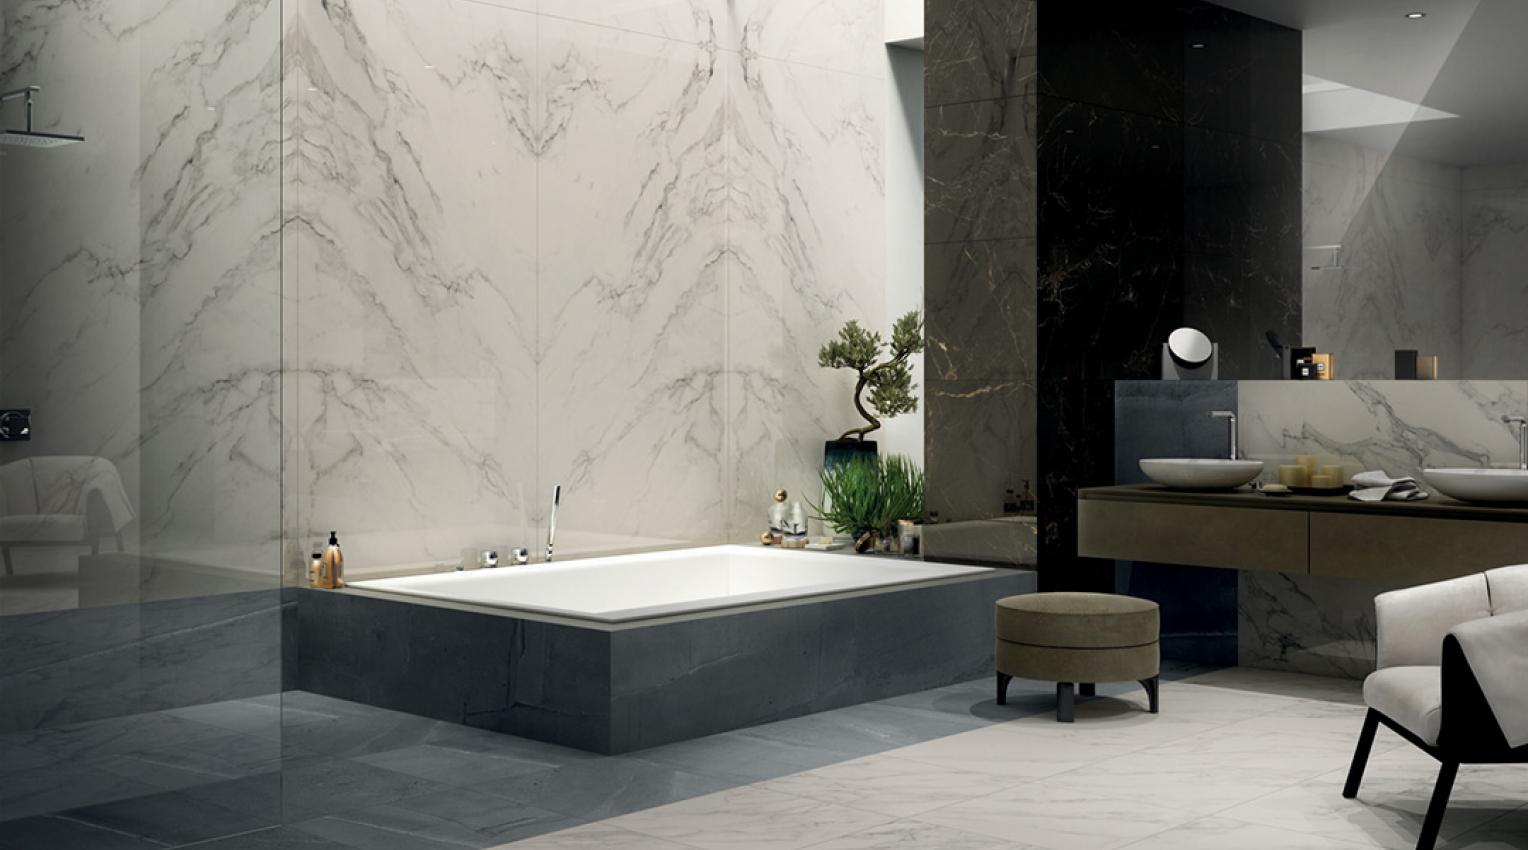 Stil_casa_belsito_cosenza_bbls_group_paviment_rivestimenti_arredo_bagno_piastrelle_ceramica_stile_moderno_classico_2